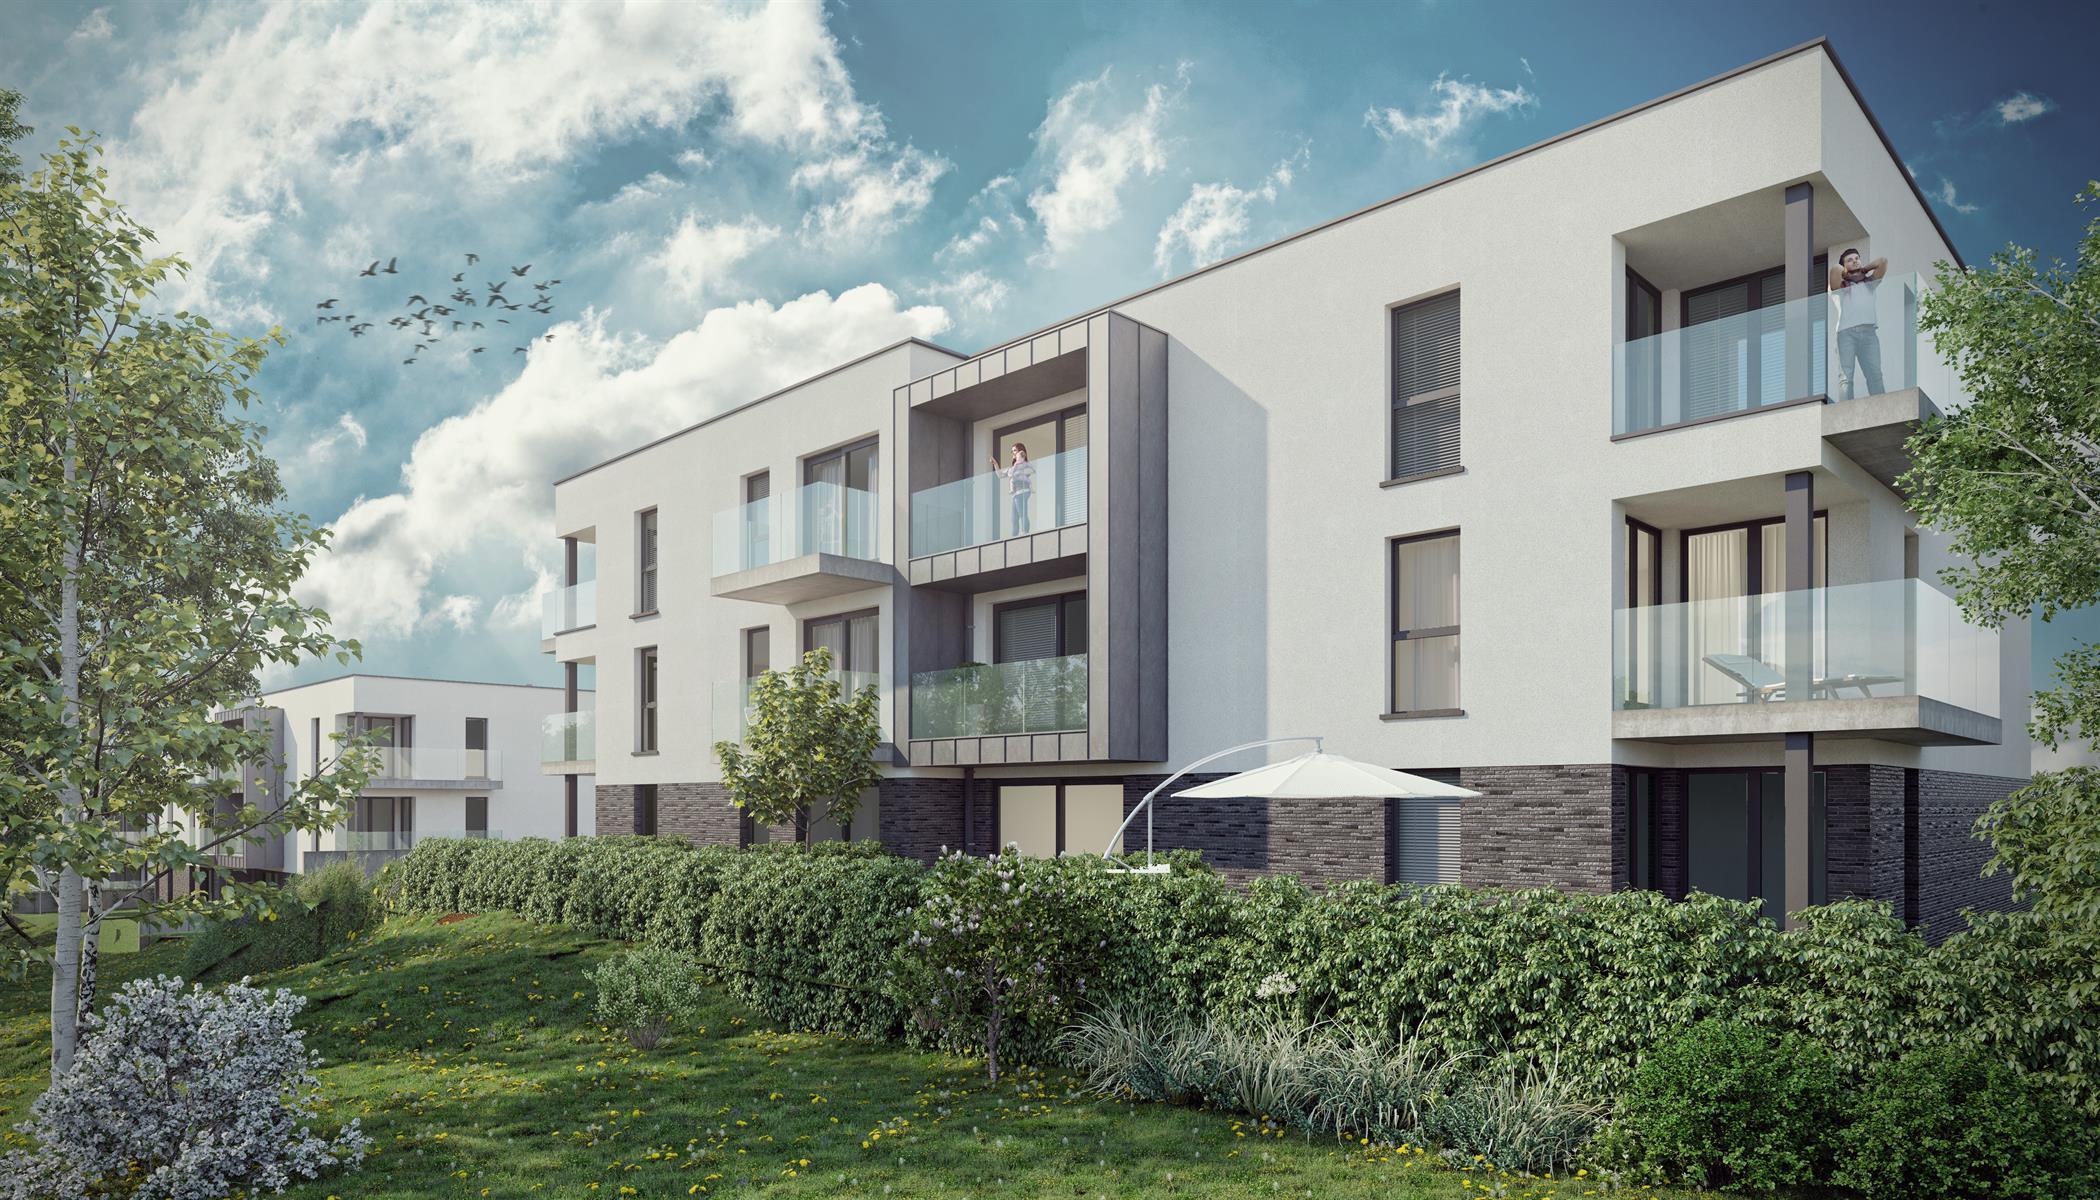 Ground floor with garden - Flemalle - #4197026-36